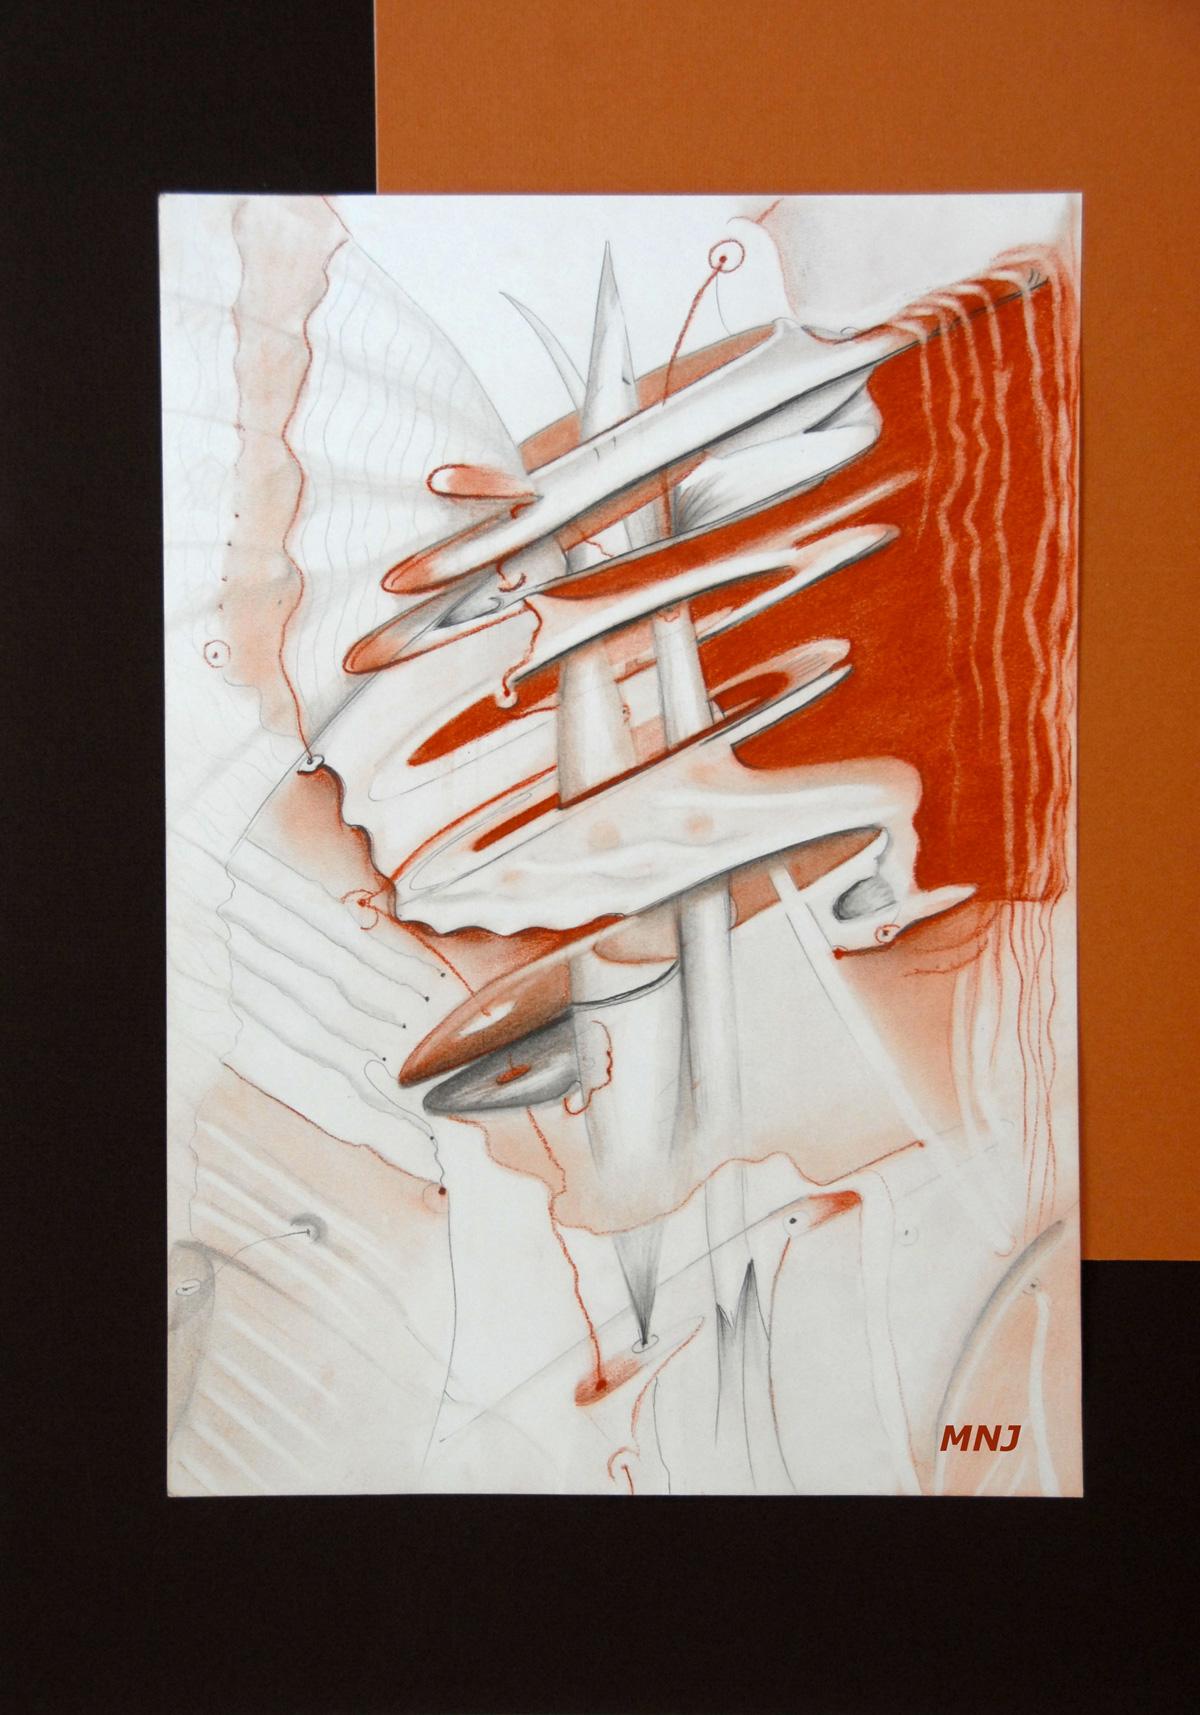 175 - PAPILLON INTERGALACTIQUE -crayon & pastel 30 x 42